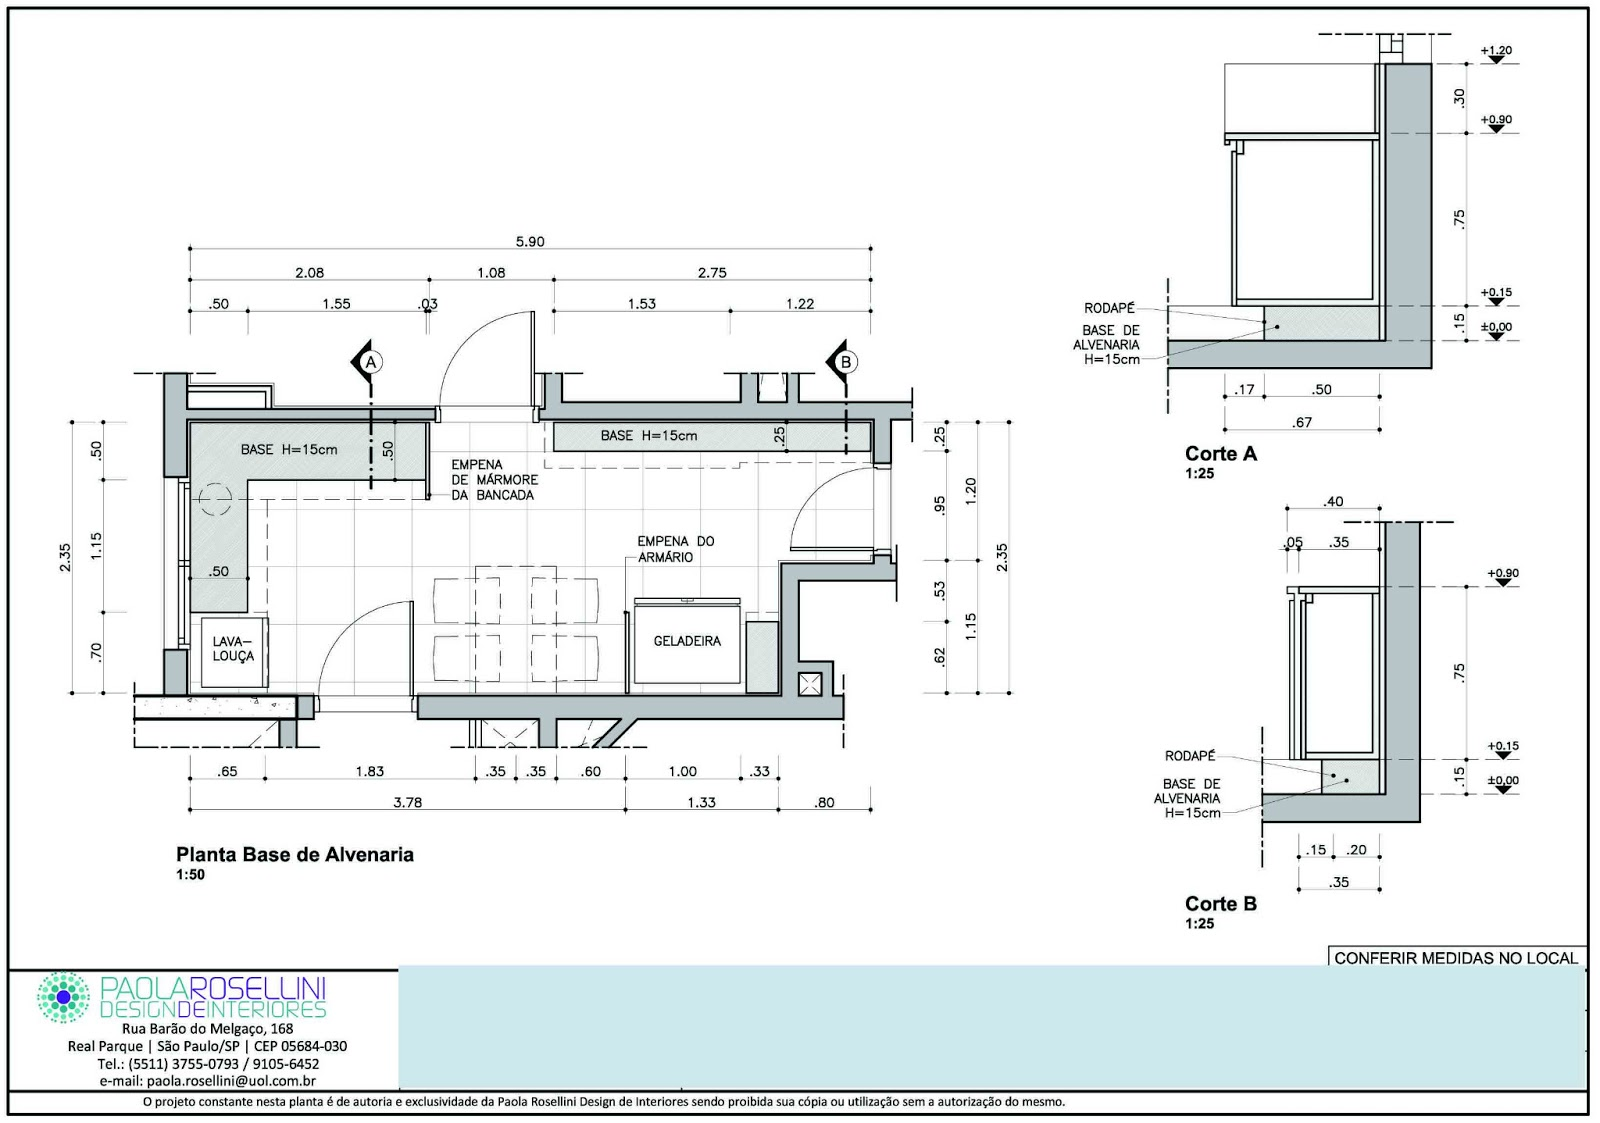 COBERTURA = dimensionamento do elemento que compõem a cobertura seja  #2000CC 1600x1123 Banheiro Cadeirante Bloco Cad